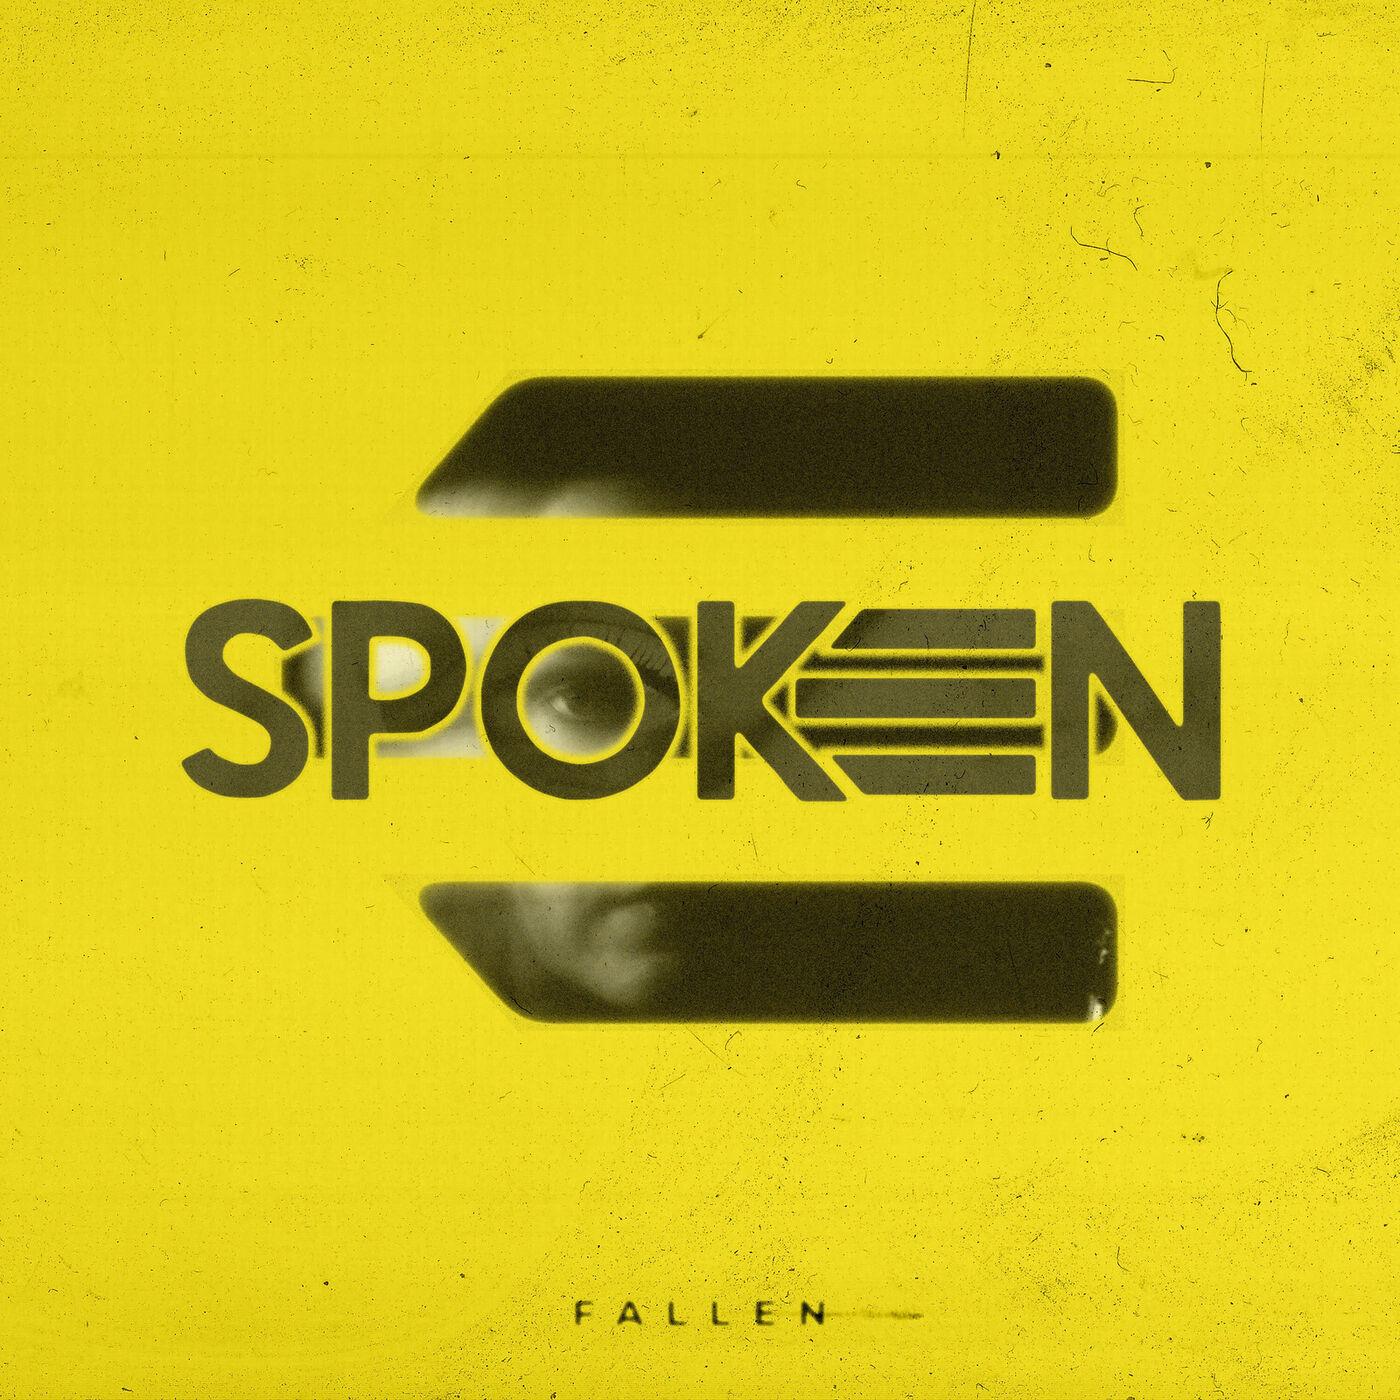 Spoken - Fallen [single] (2020)